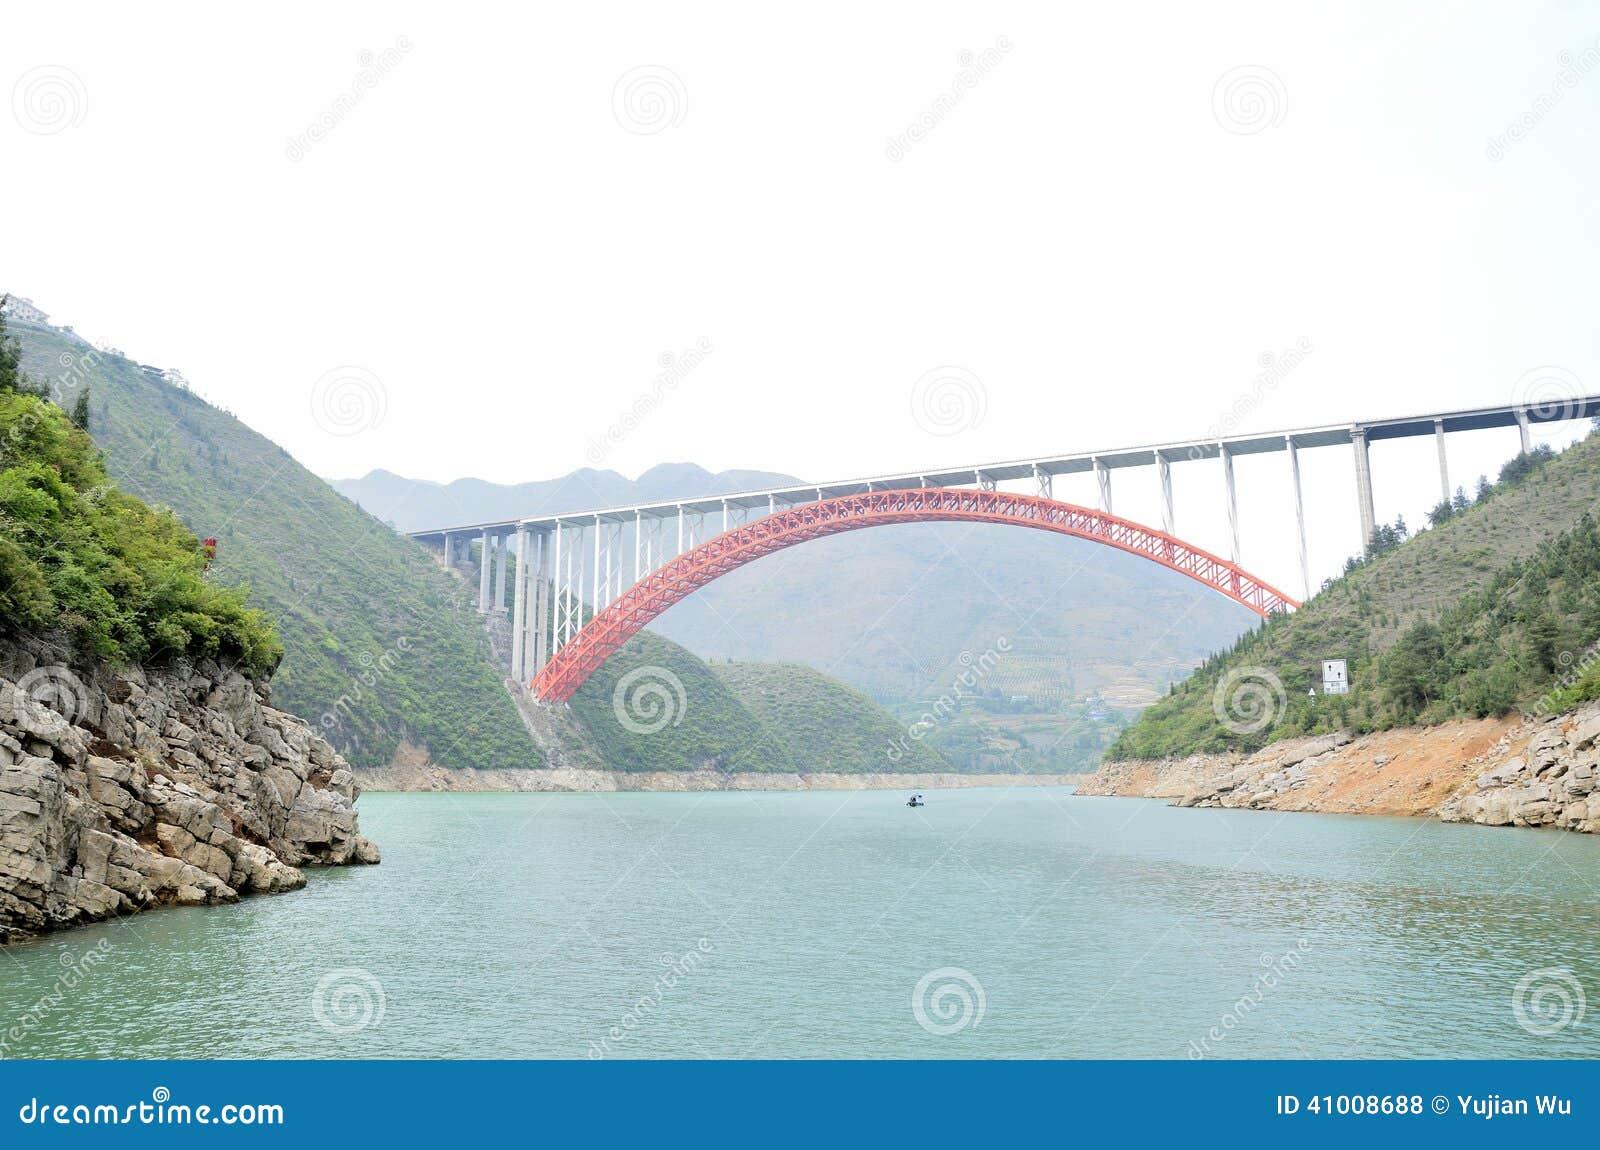 中国长江三峡风景精华